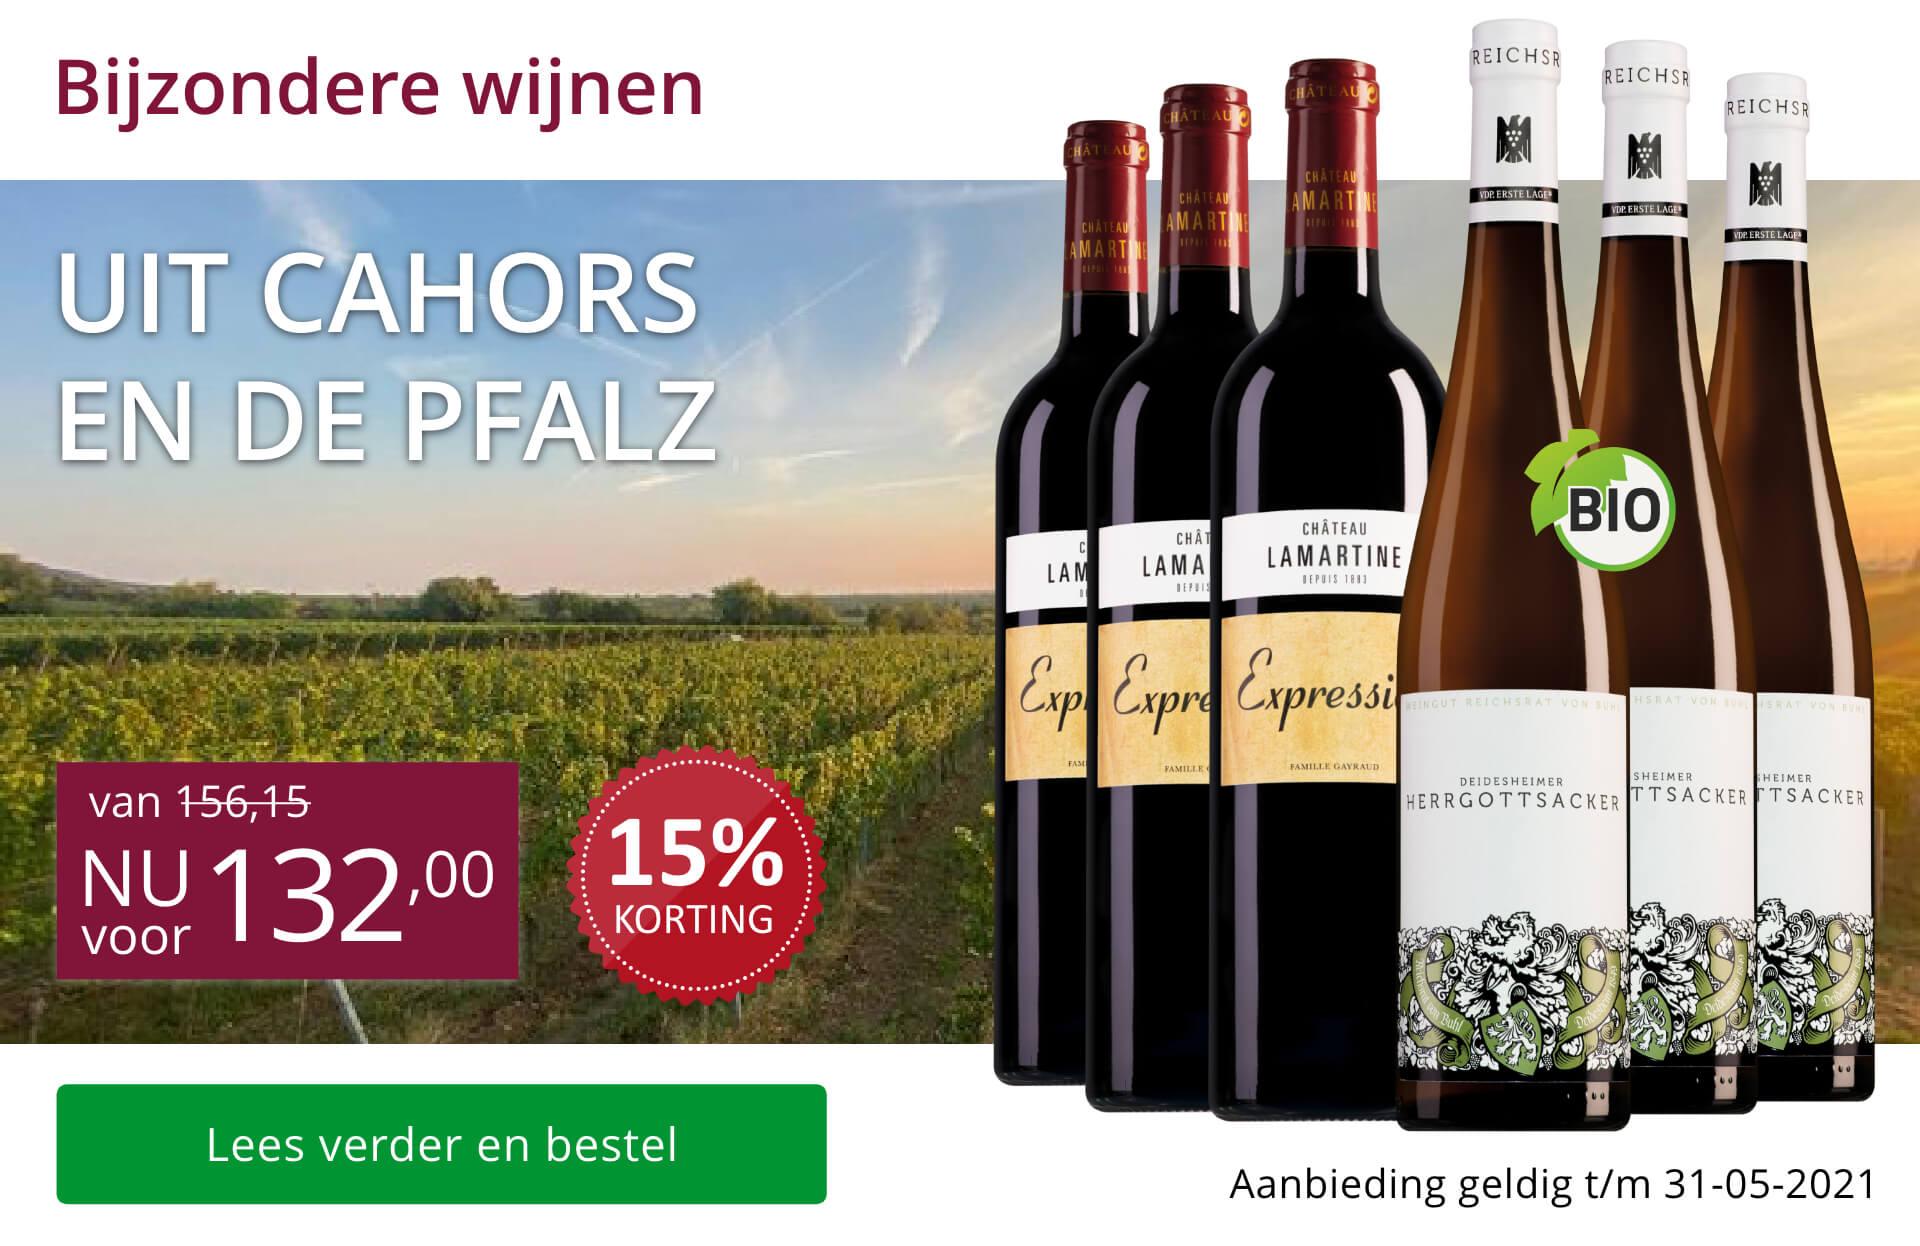 Wijnpakket bijzondere wijnen mei (132,00) - paars